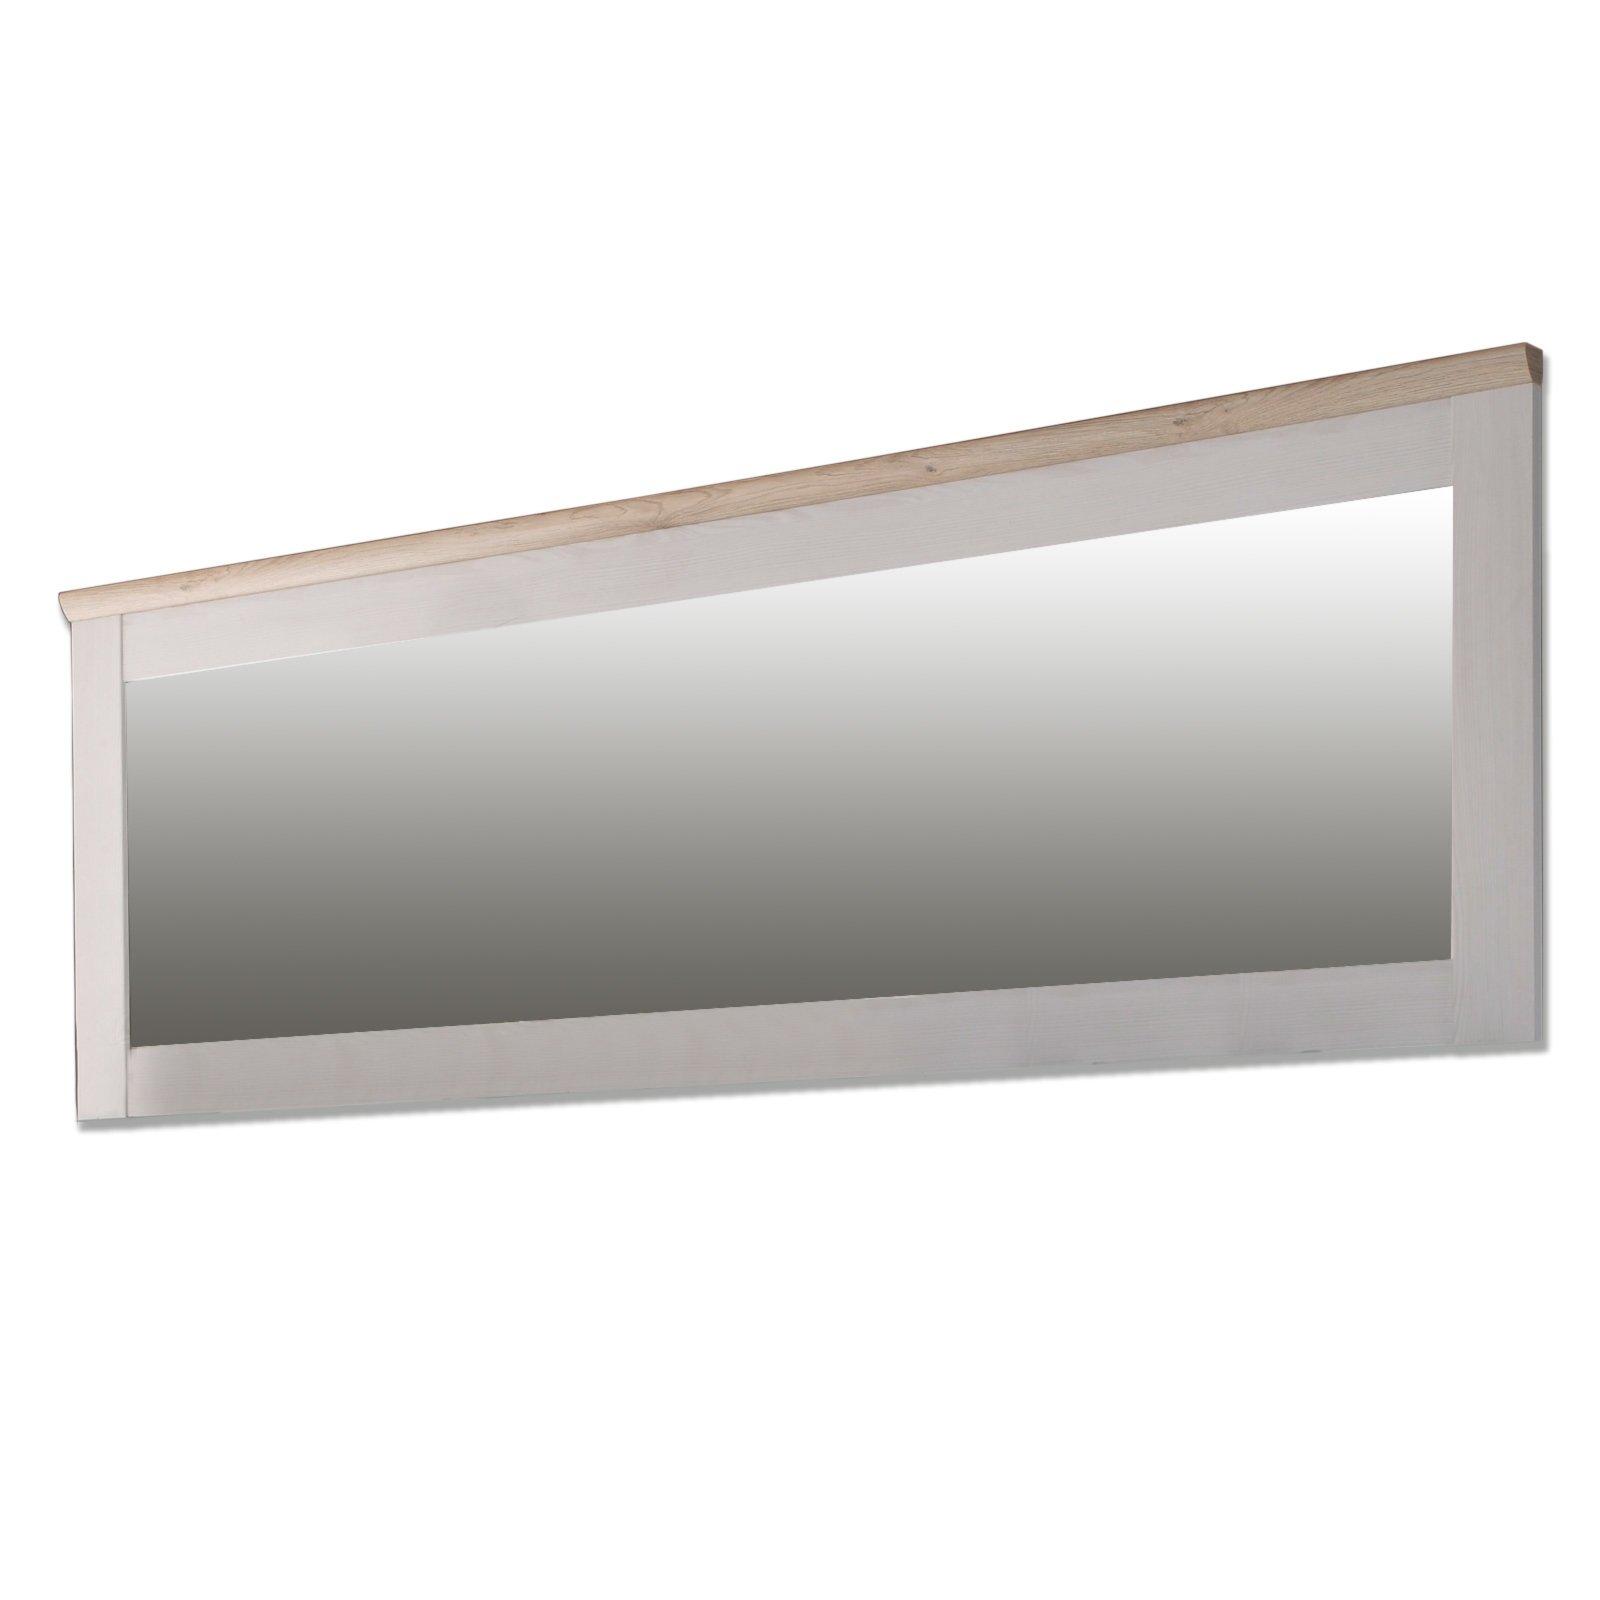 spiegel fliesen 50 50 ur75 hitoiro. Black Bedroom Furniture Sets. Home Design Ideas